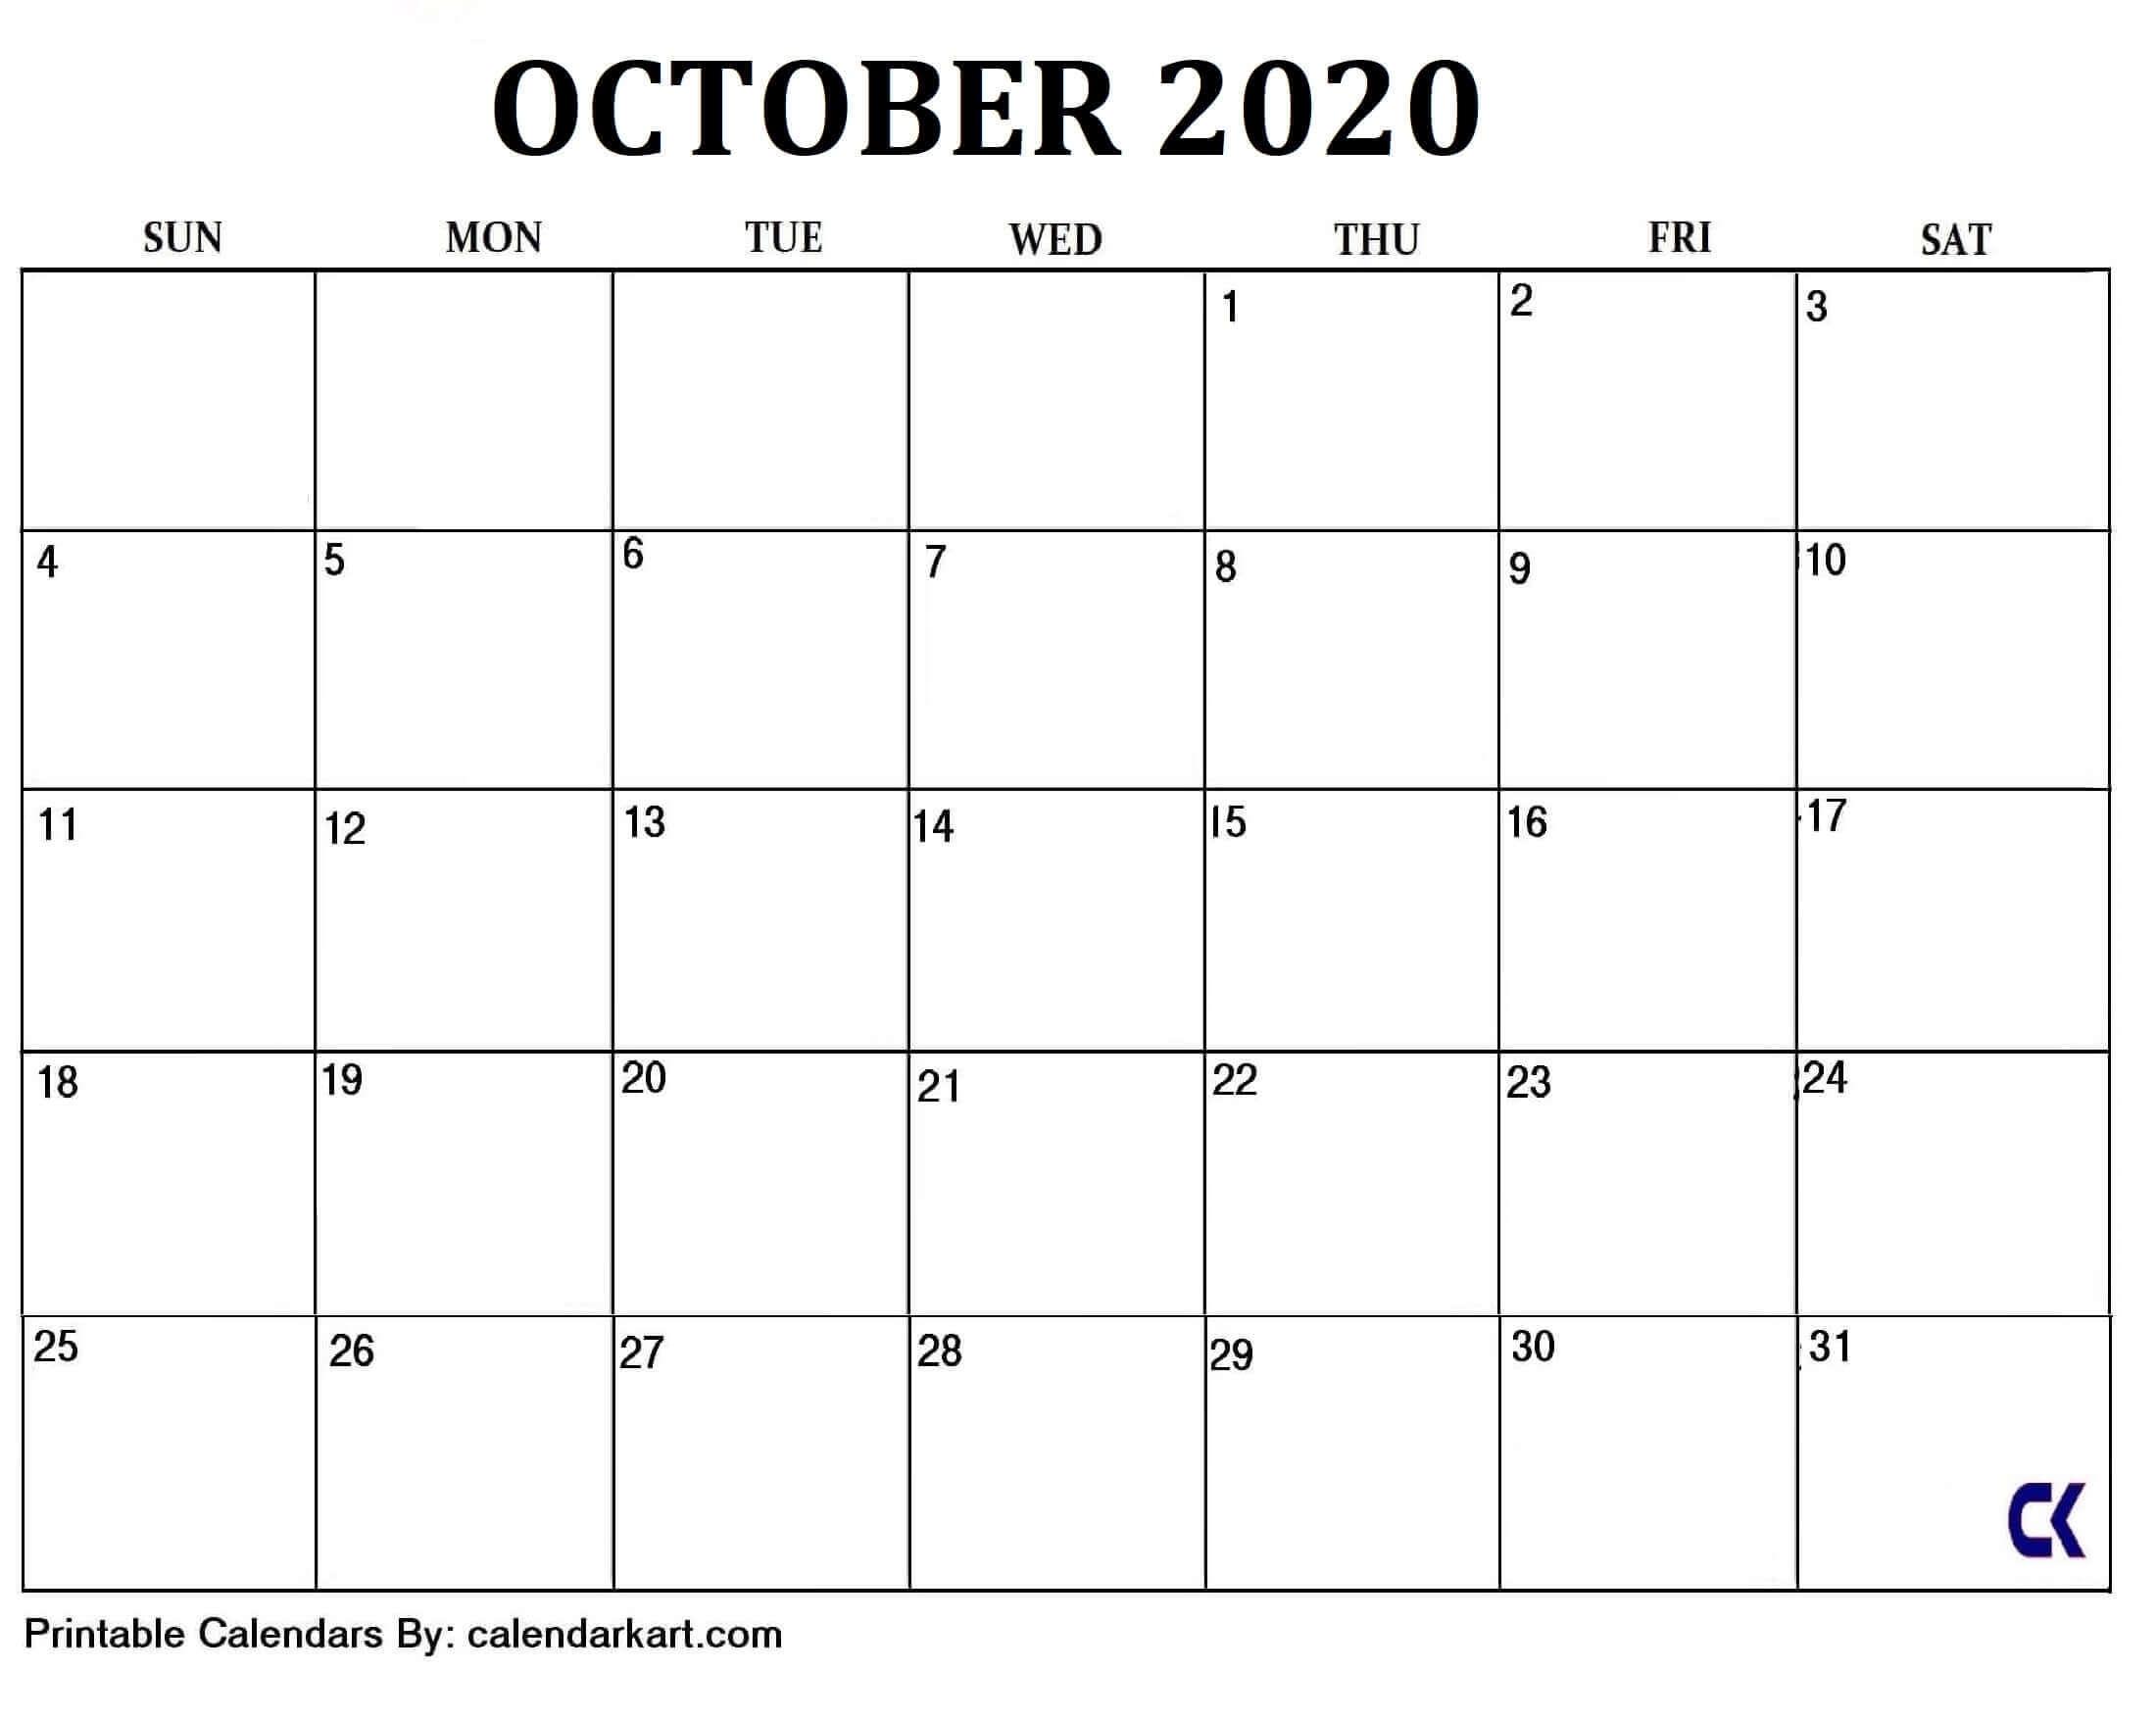 6 Cute And Elegant Free Printable October 2020 Calendar